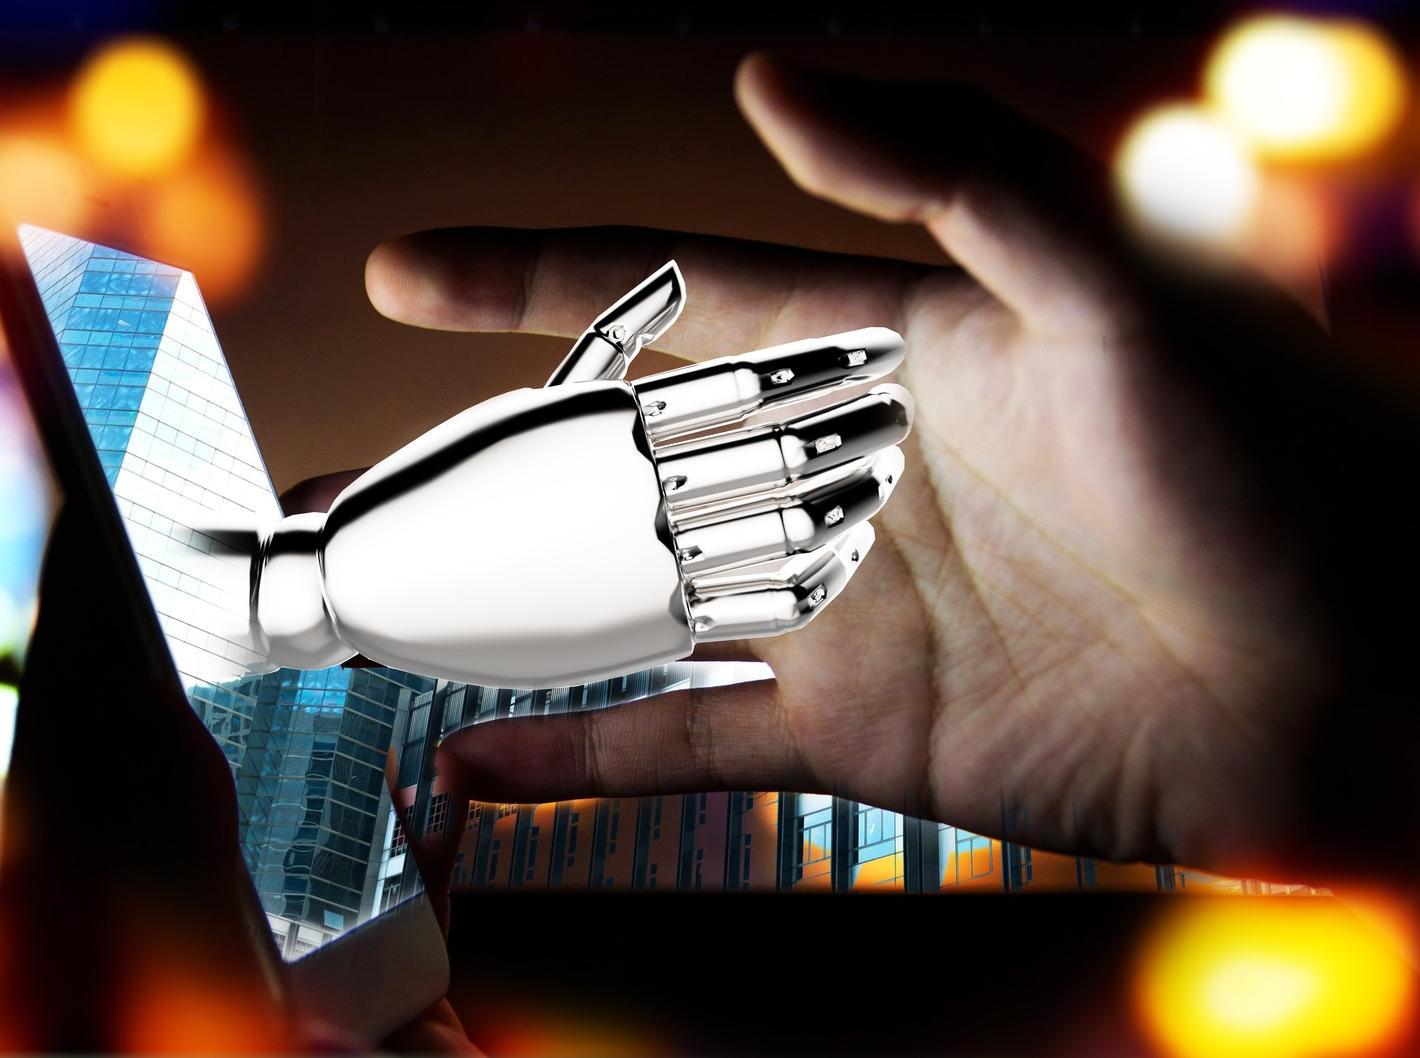 In der industriellen Automatisierung verfügt Omron über ein umfangreiches Portfolio an Steuerungskomponenten und -geräten. Durch die Kombination dieser Geräte via Software hat Omron zahlreiche Automatisierungslösungen realisiert.